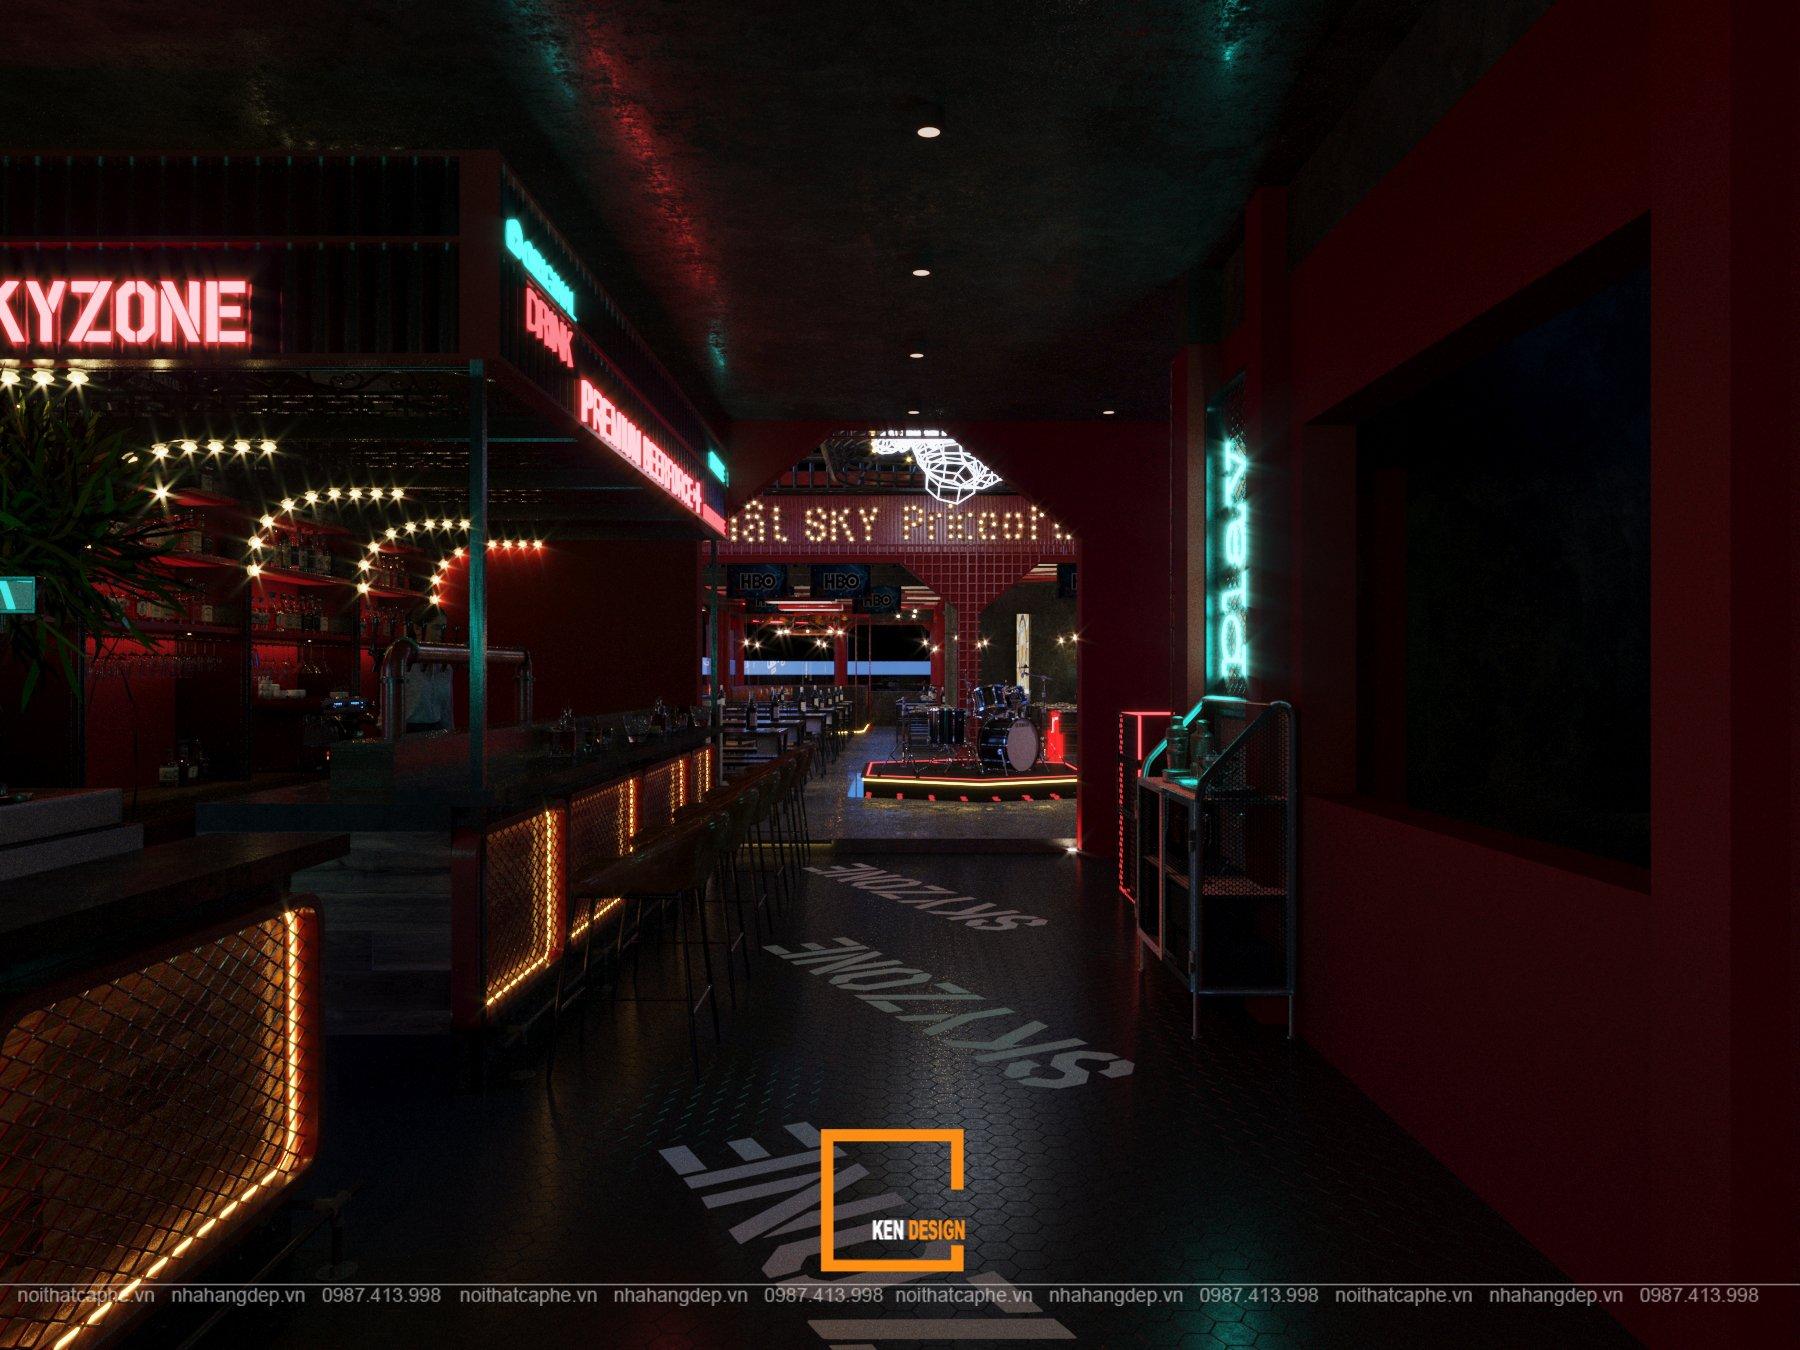 Thiet Ke Beer Club Skyzone 03